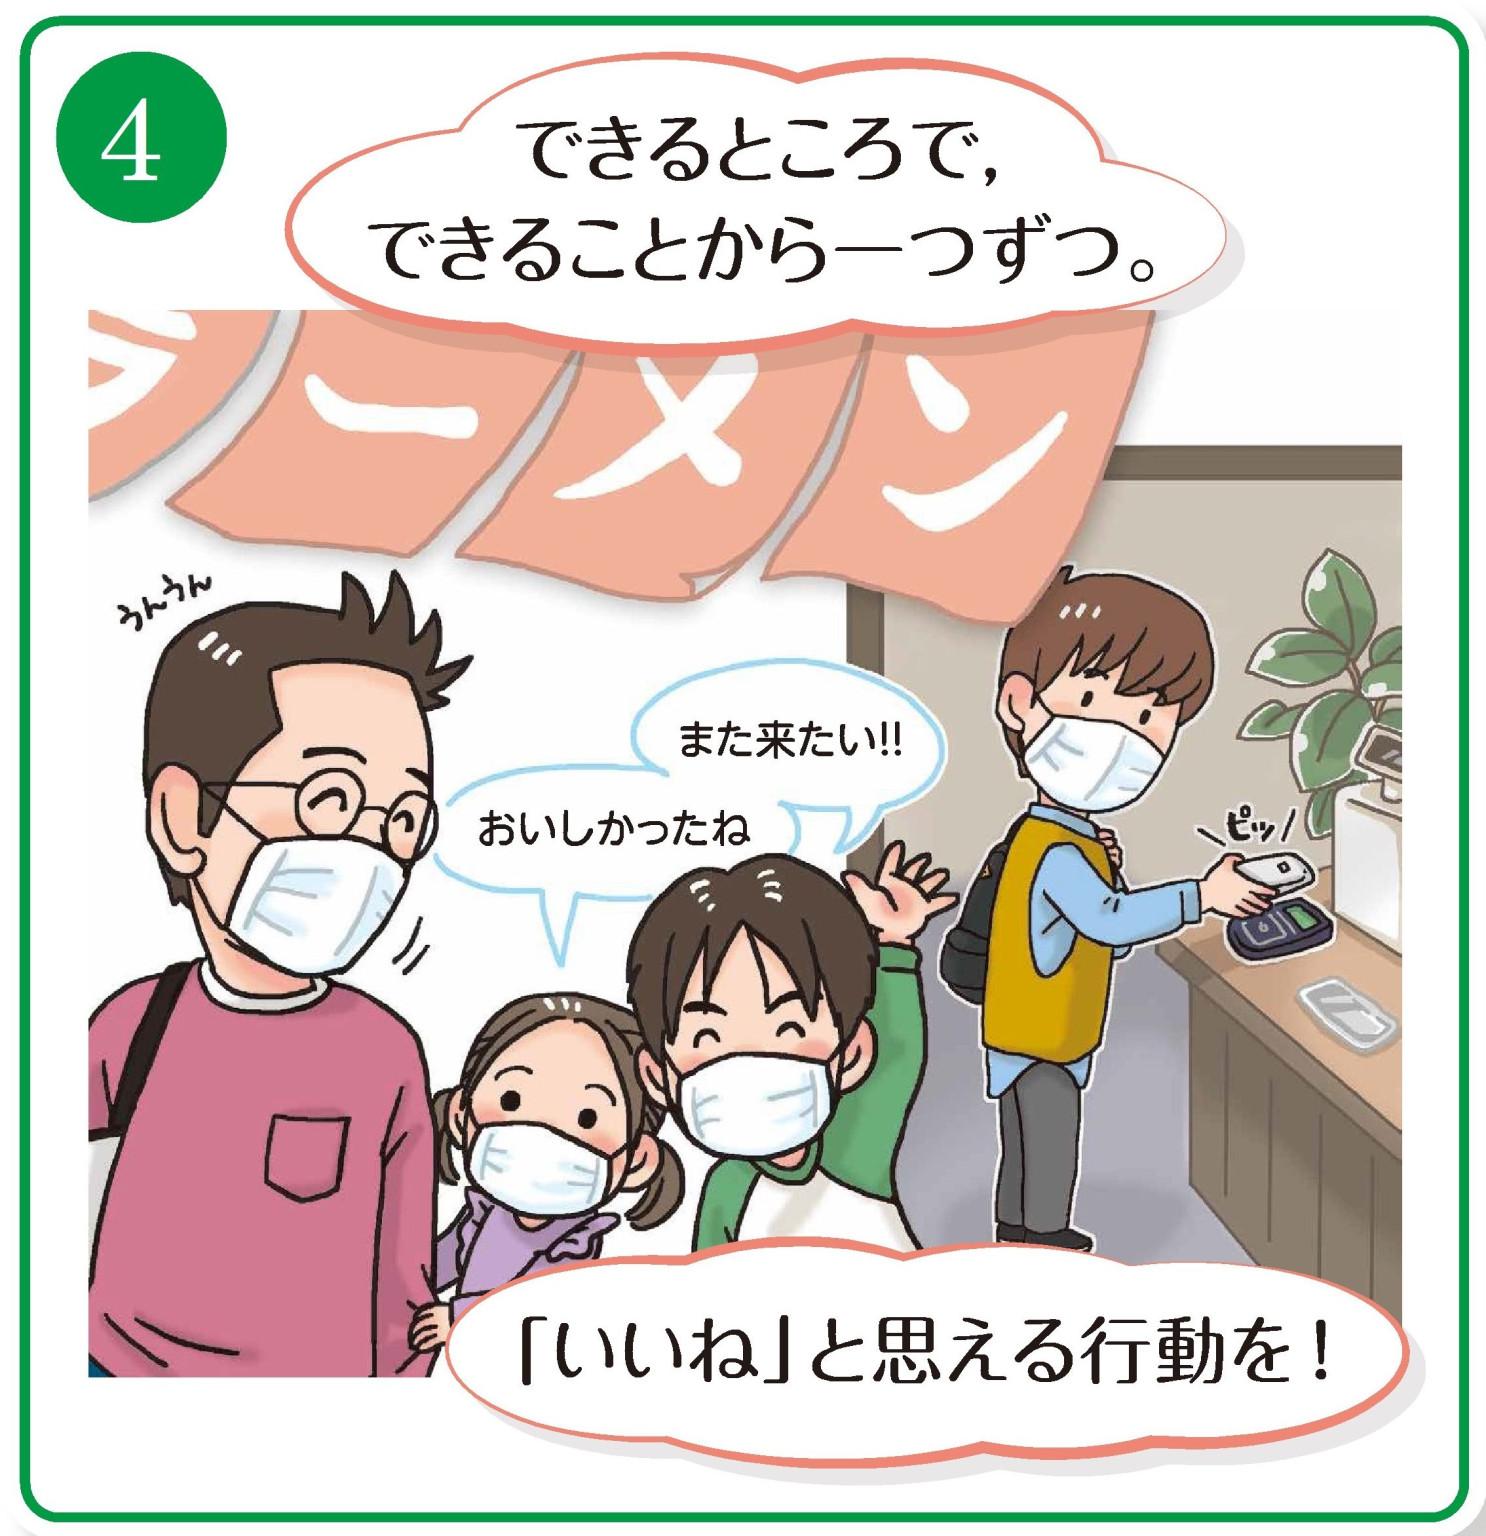 Kyoto-silent-eating-mokushoku-manga-comic-4.jpg